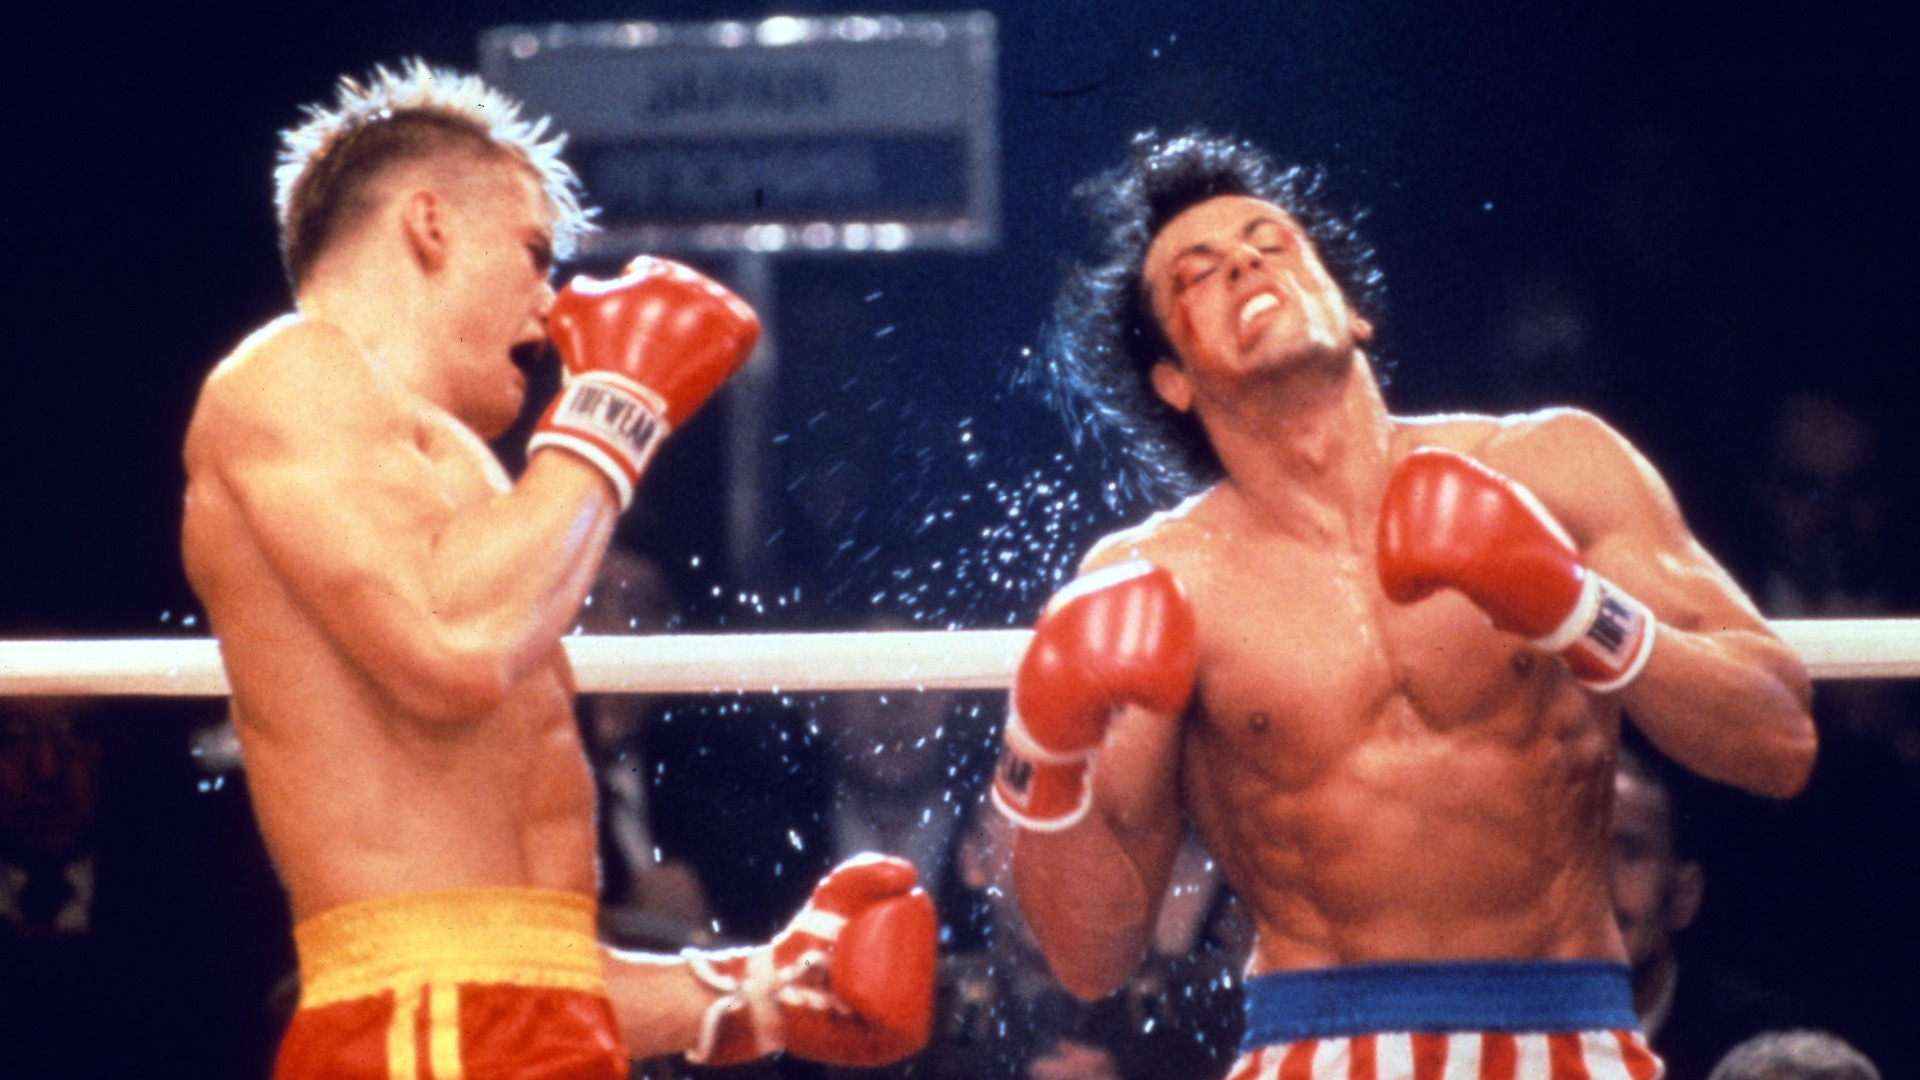 El clásico Rocky IV lanzará un Director's Cut en noviembre